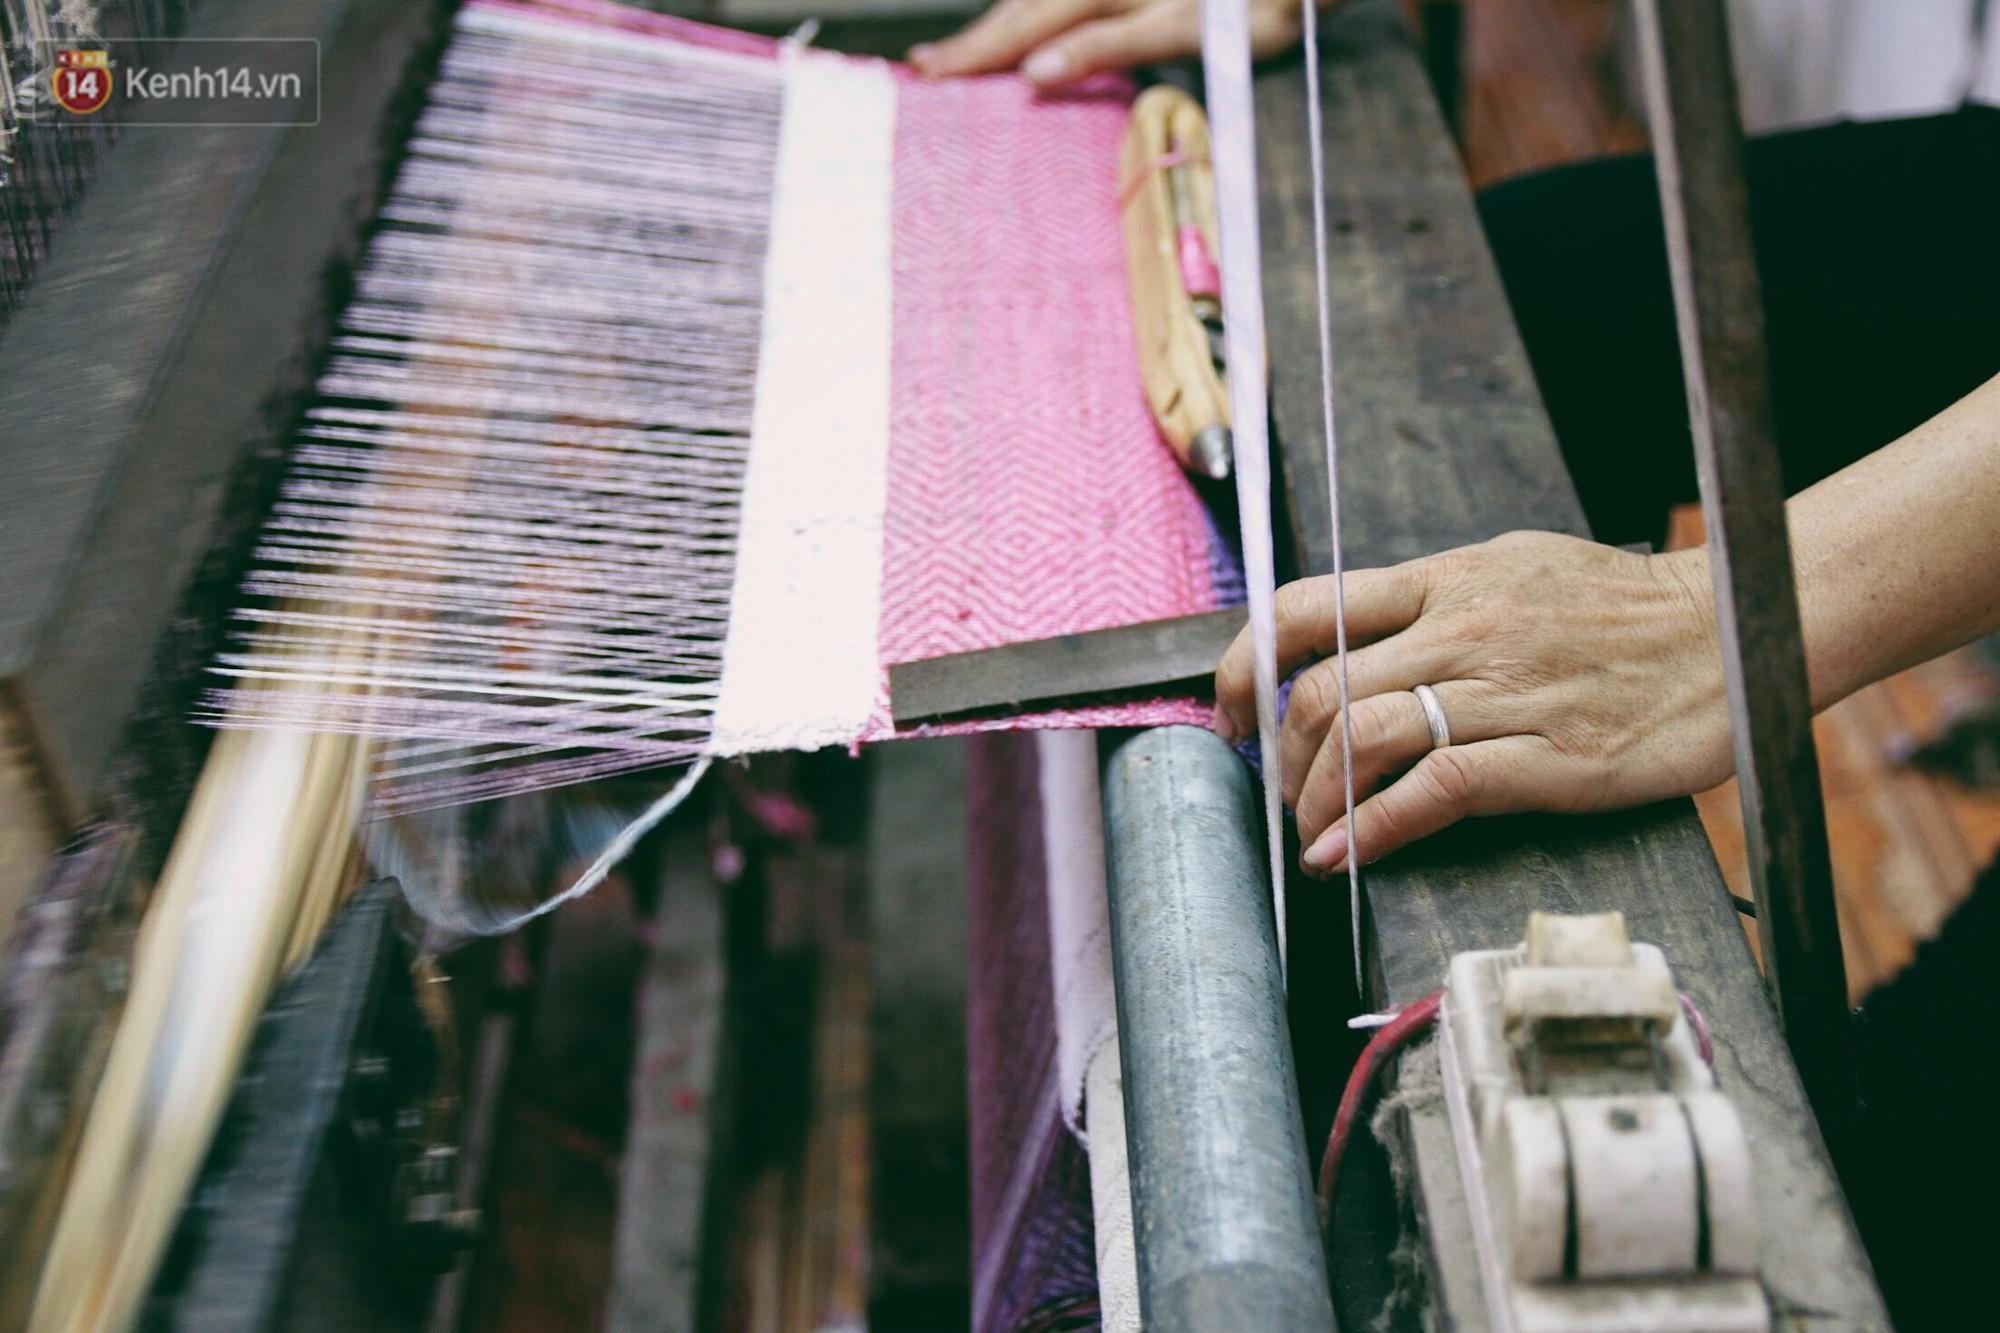 Người phụ nữ Hà Nội đầu tiên dệt lụa từ tơ sen: 4.800 cuống sen cho một chiếc khăn quàng cổ dài 1,7 mét - Ảnh 15.